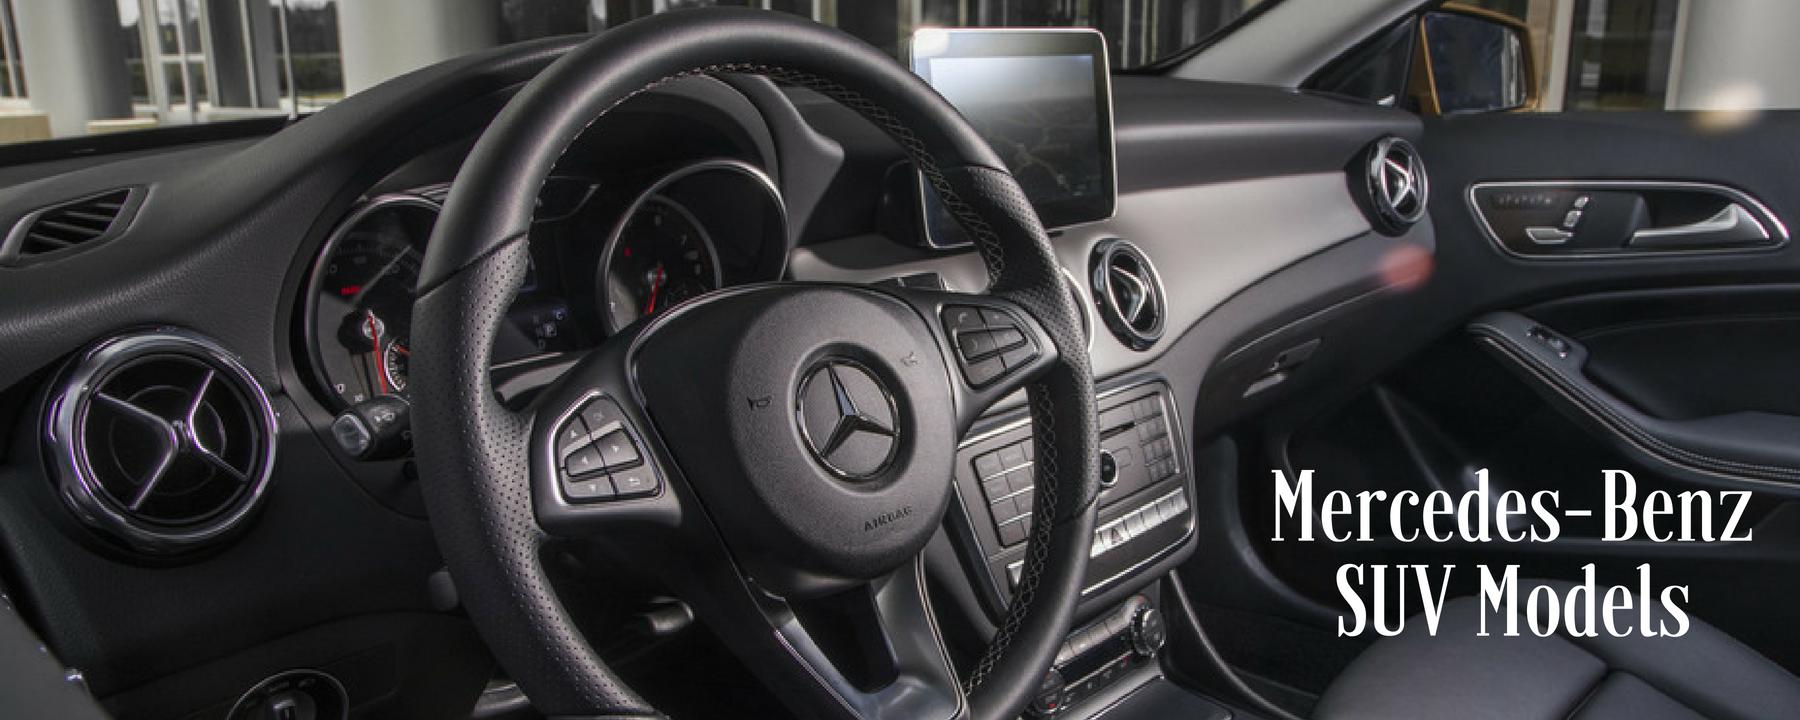 Mercedes-Benz SUV Models